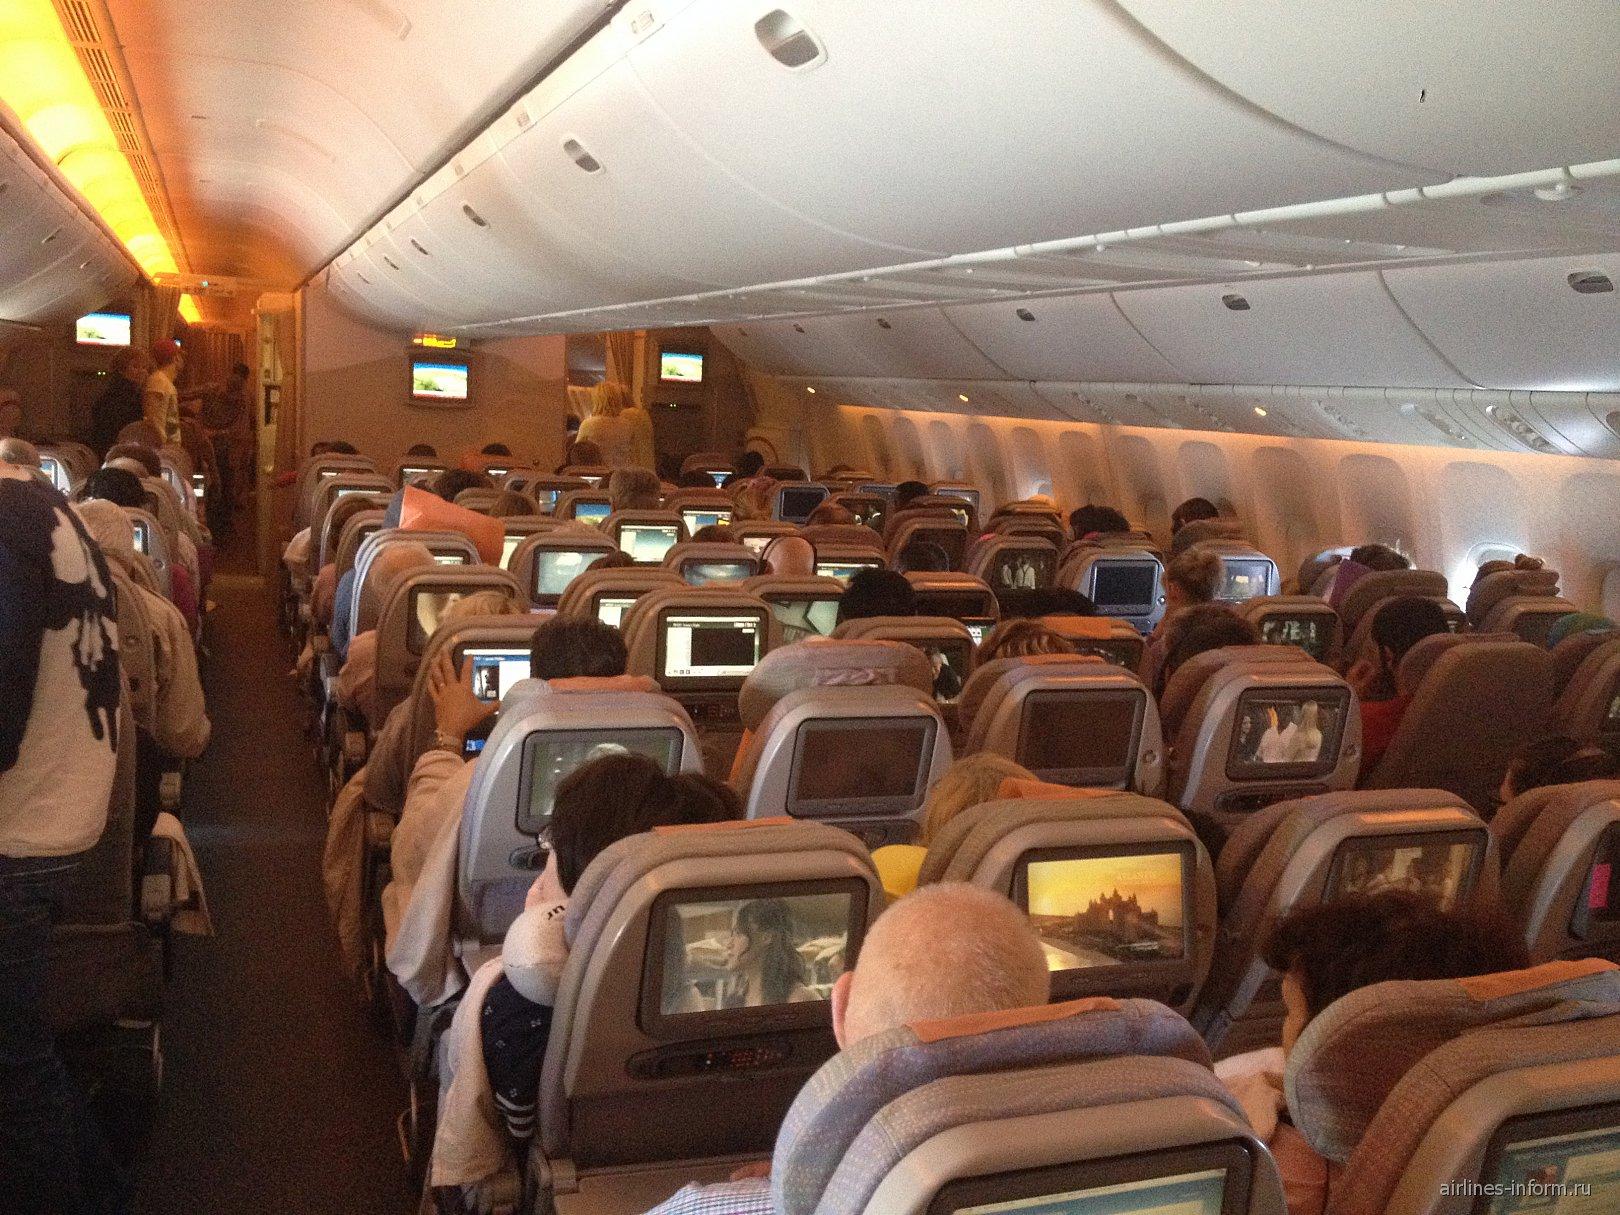 Салон самолета Боинг-777-300 авиакомпании Emirates